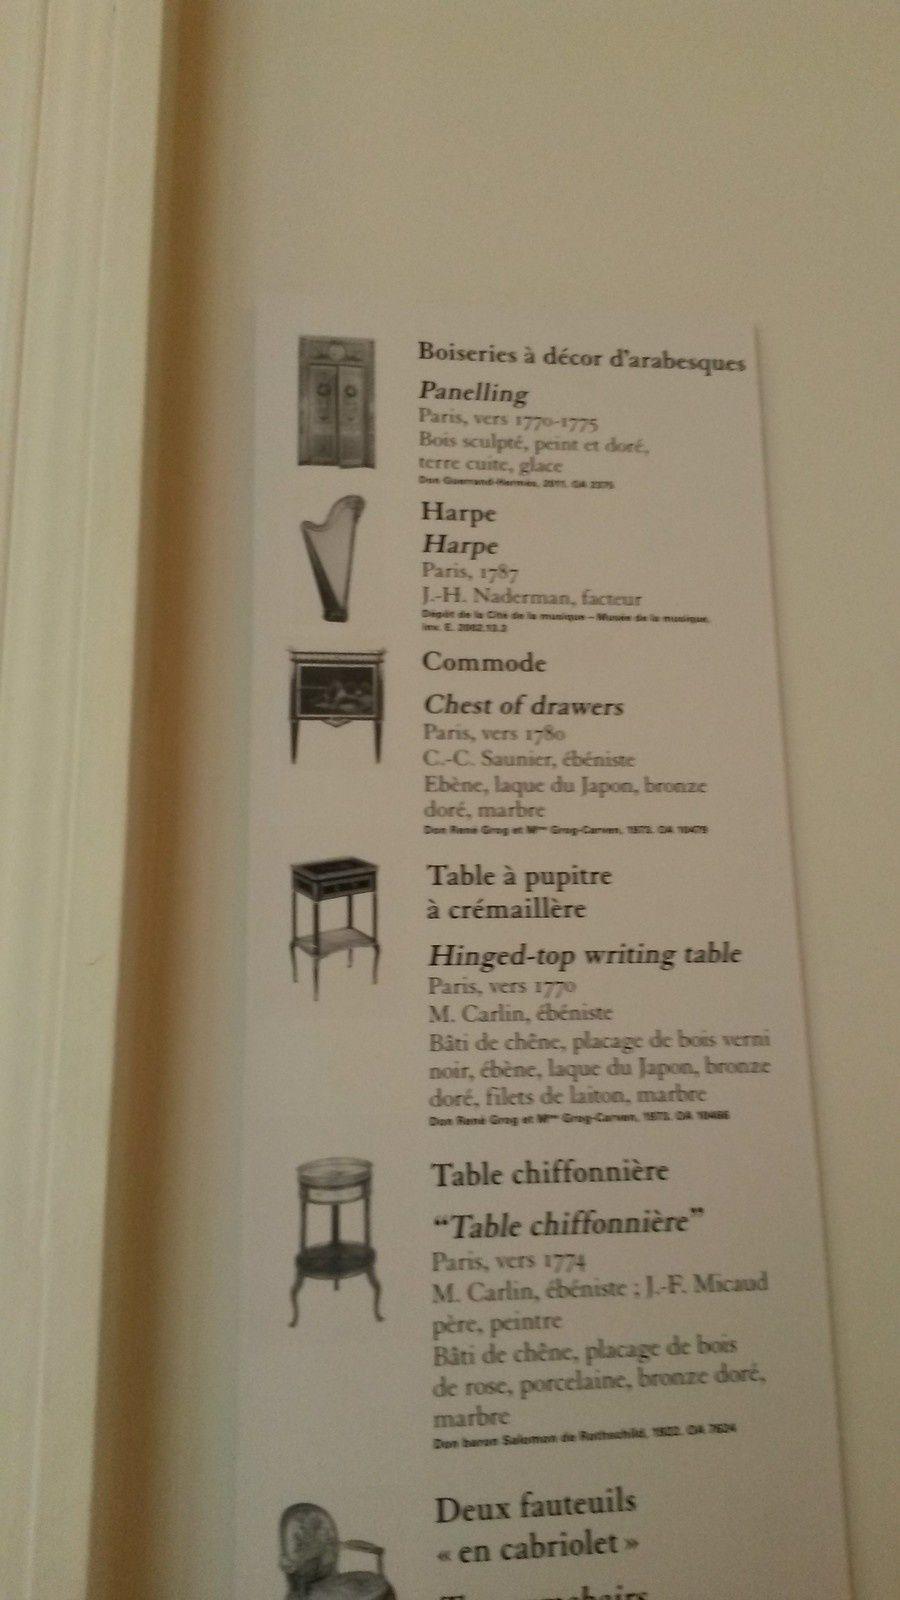 Les salles des objets d'art du Louvre : ou l'art de vivre à la française sous l'Ancien Régime exposé